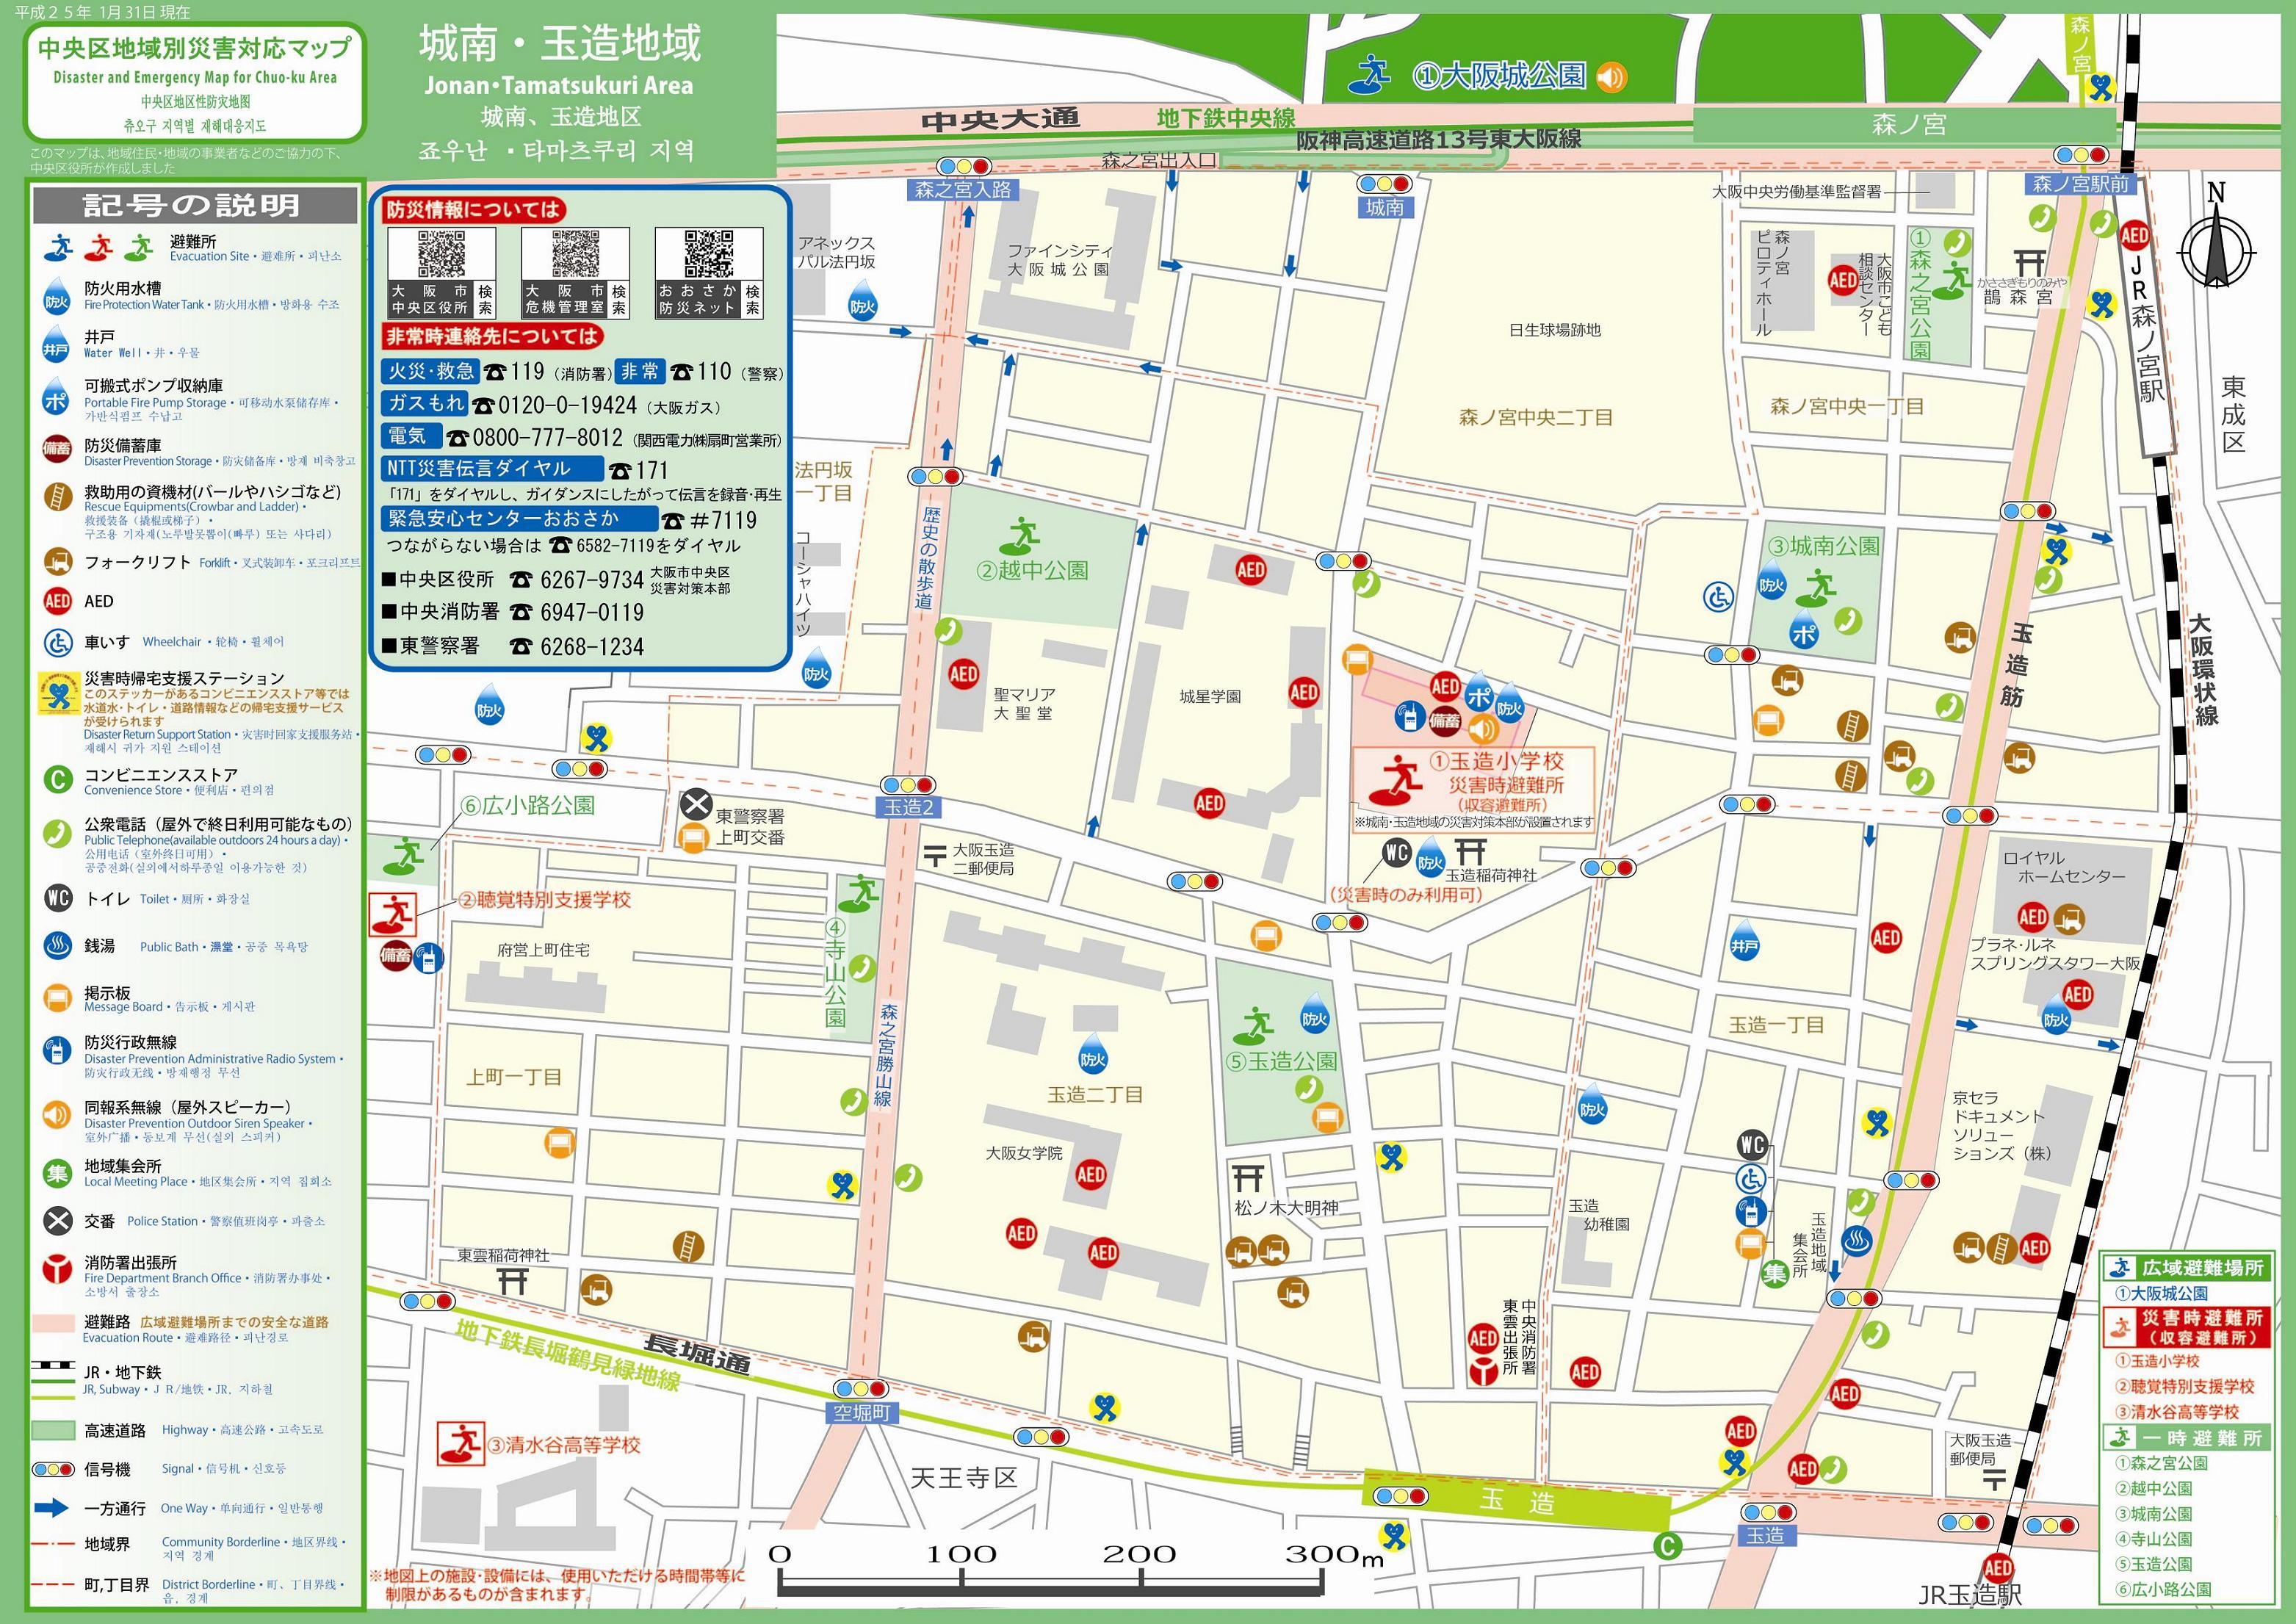 大阪市中央区:地域別災害対応マップ (防犯・防災>防災の取り組み)